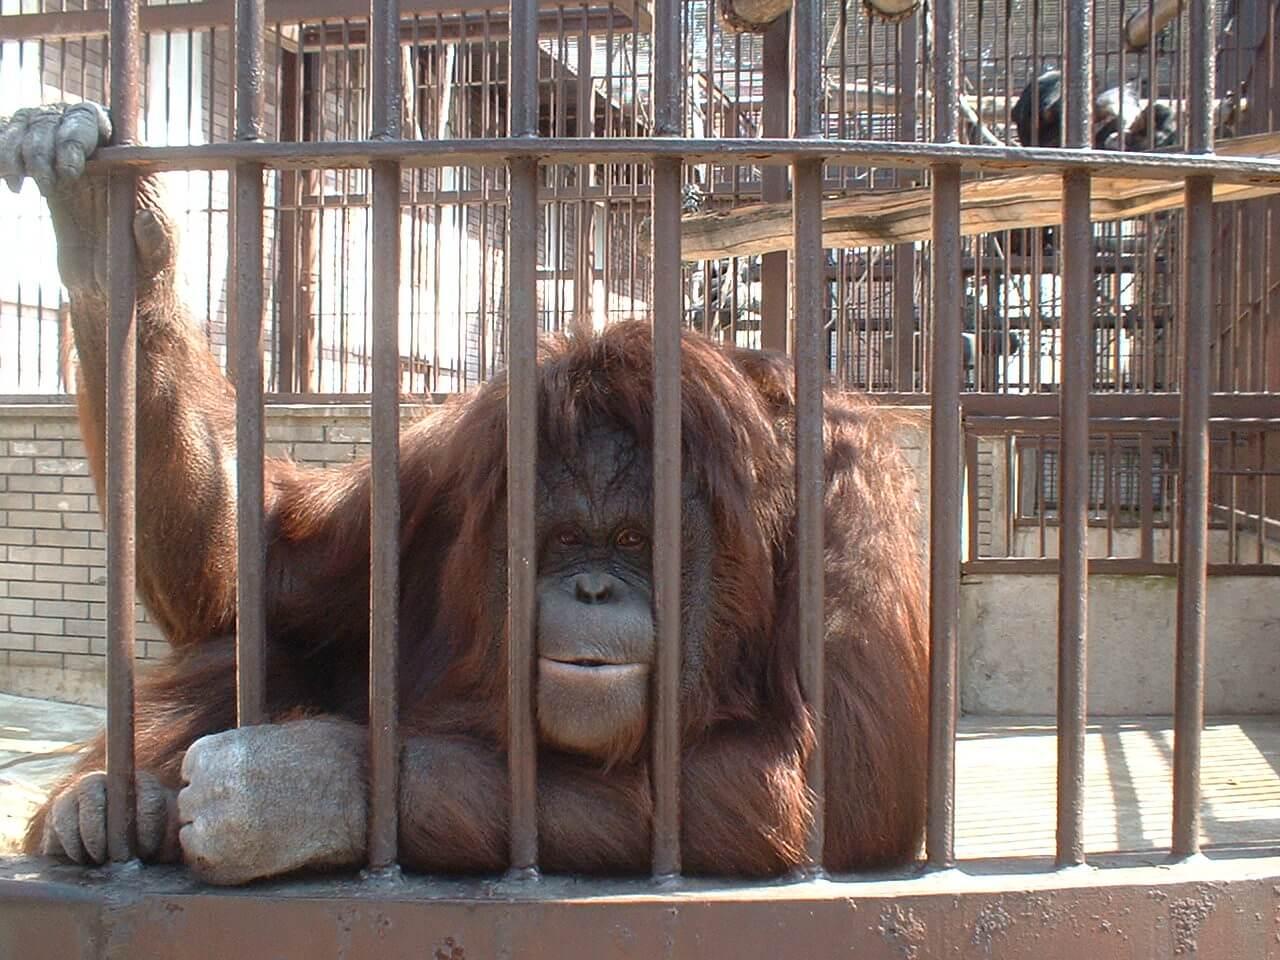 Orangutan in zoo 375348